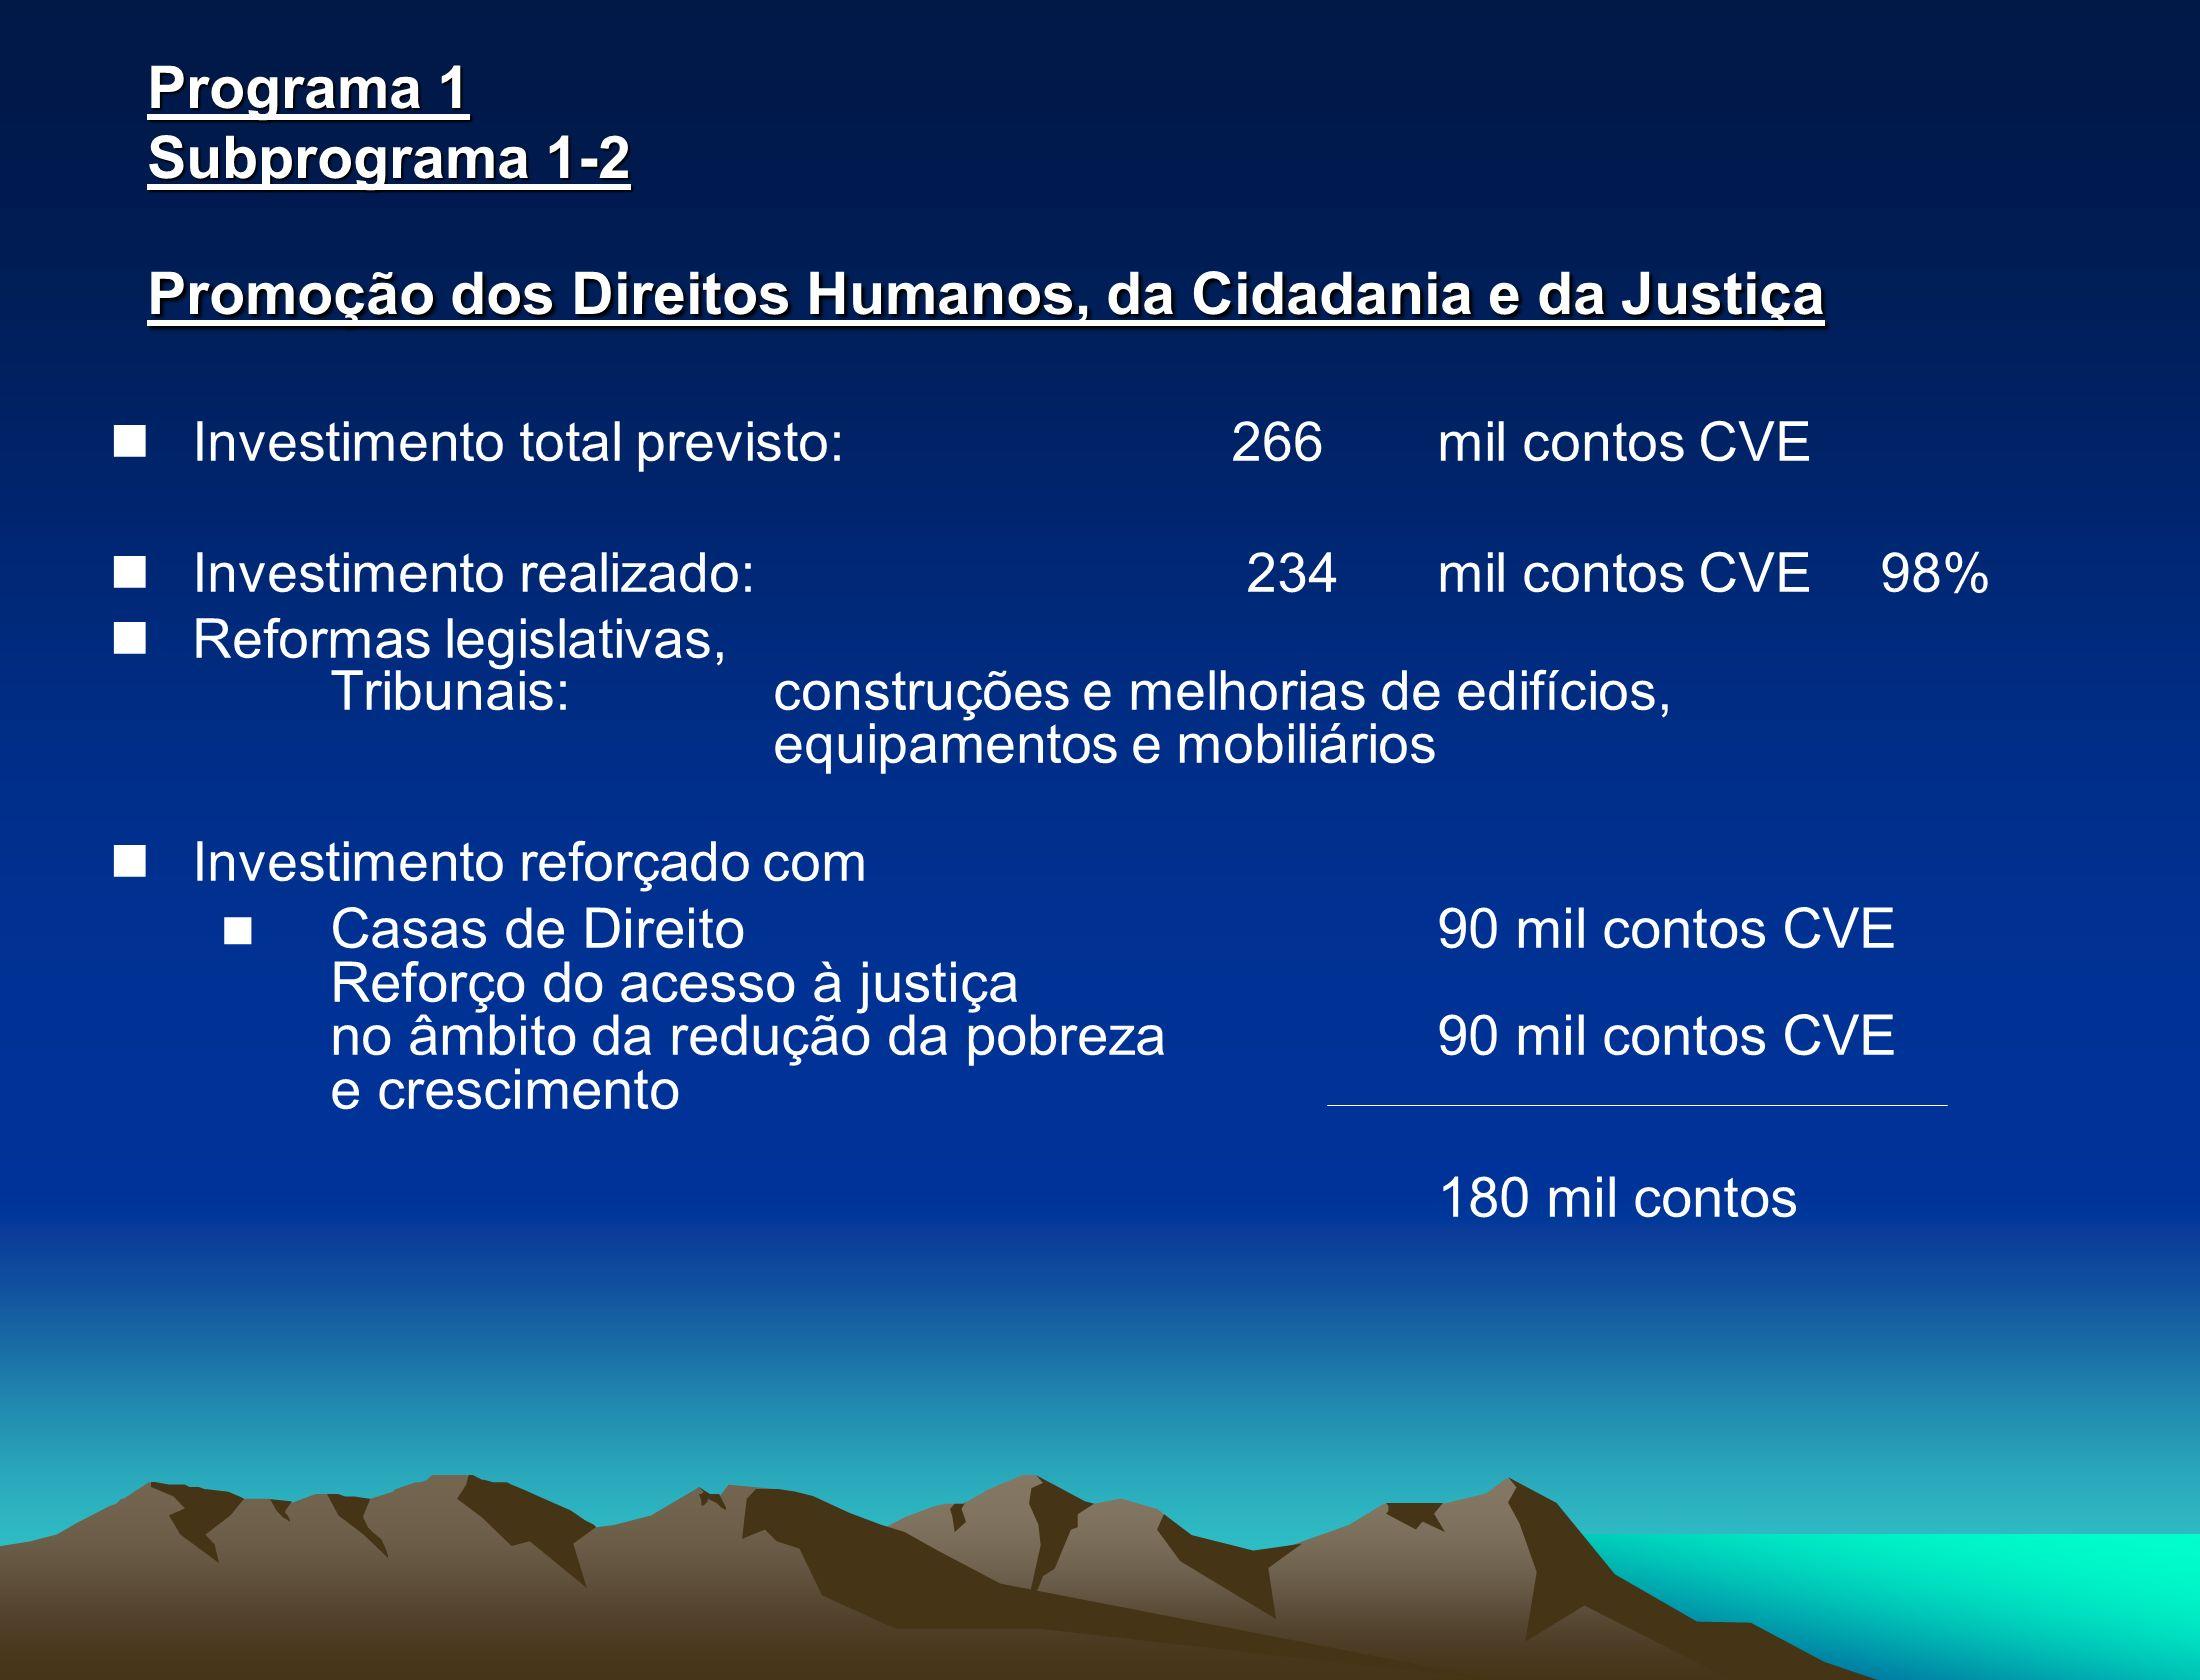 Programa 1 Subprograma 1-2 Promoção dos Direitos Humanos, da Cidadania e da Justiça